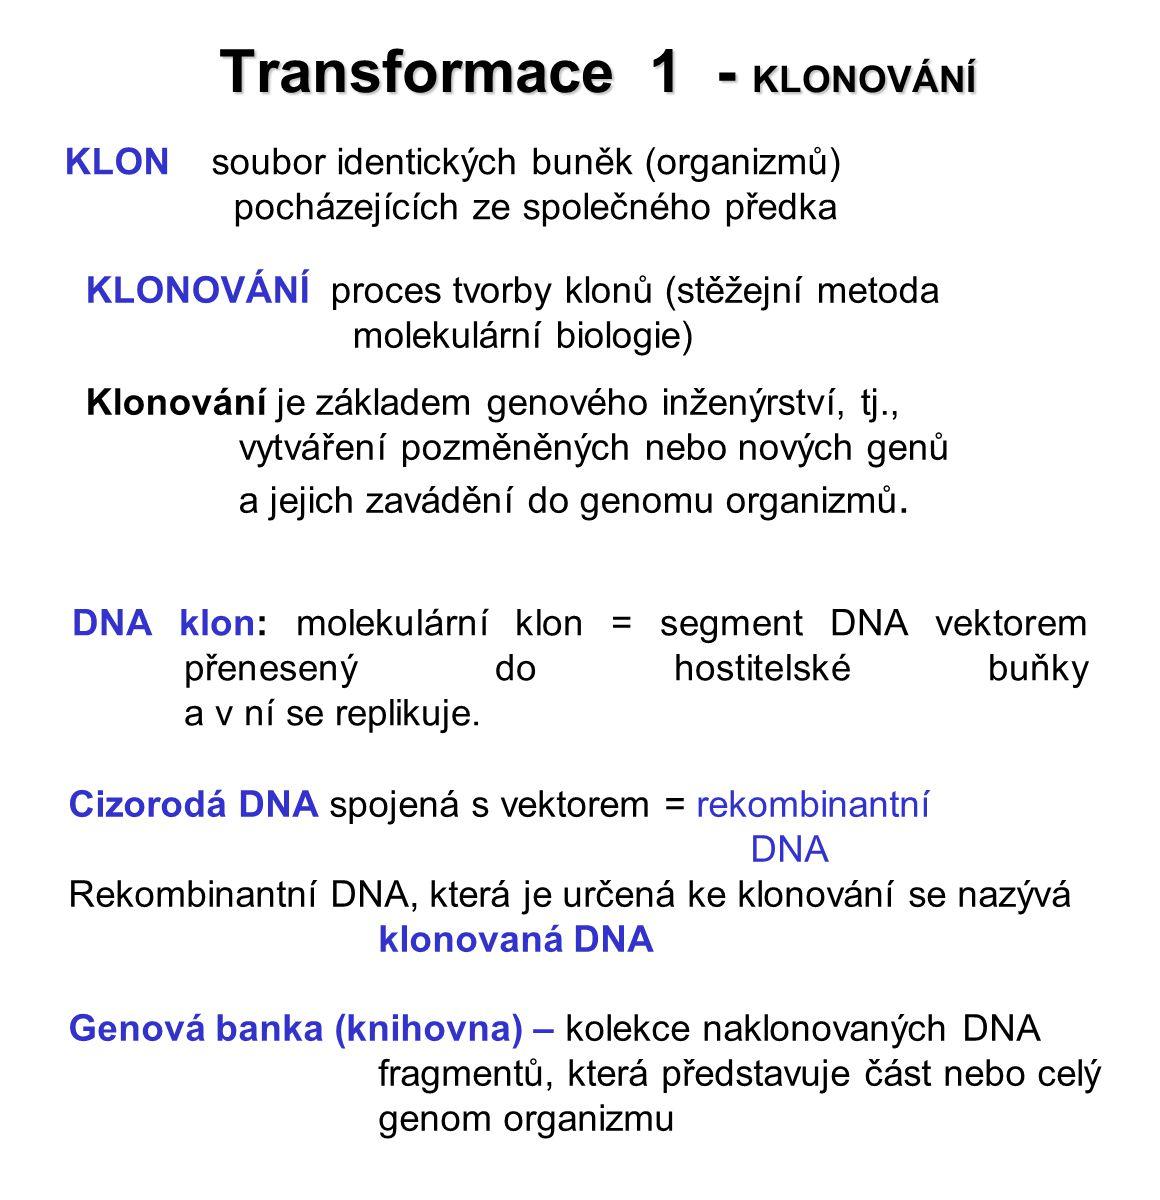 Transformace 1 - KLONOVÁNÍ